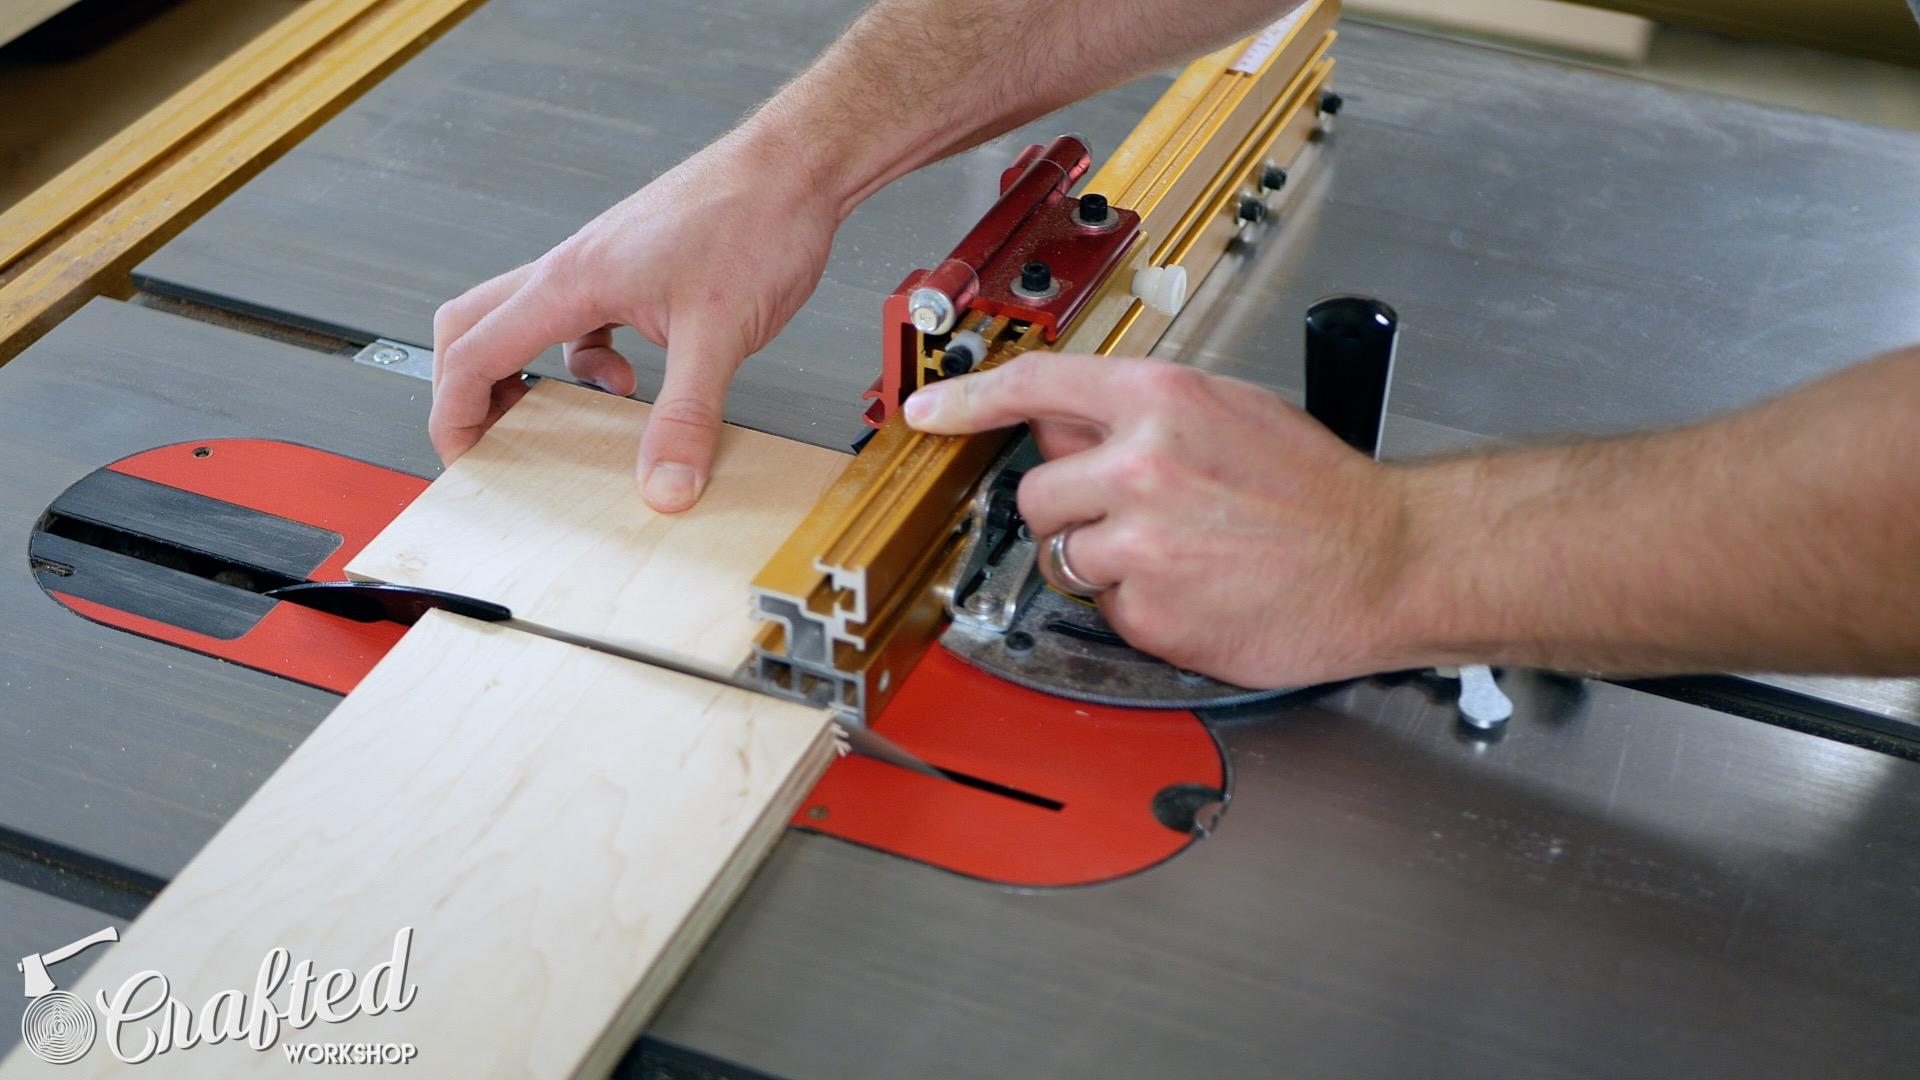 Wood Snare Drum cajon diy incra miter gauge cutting side panels